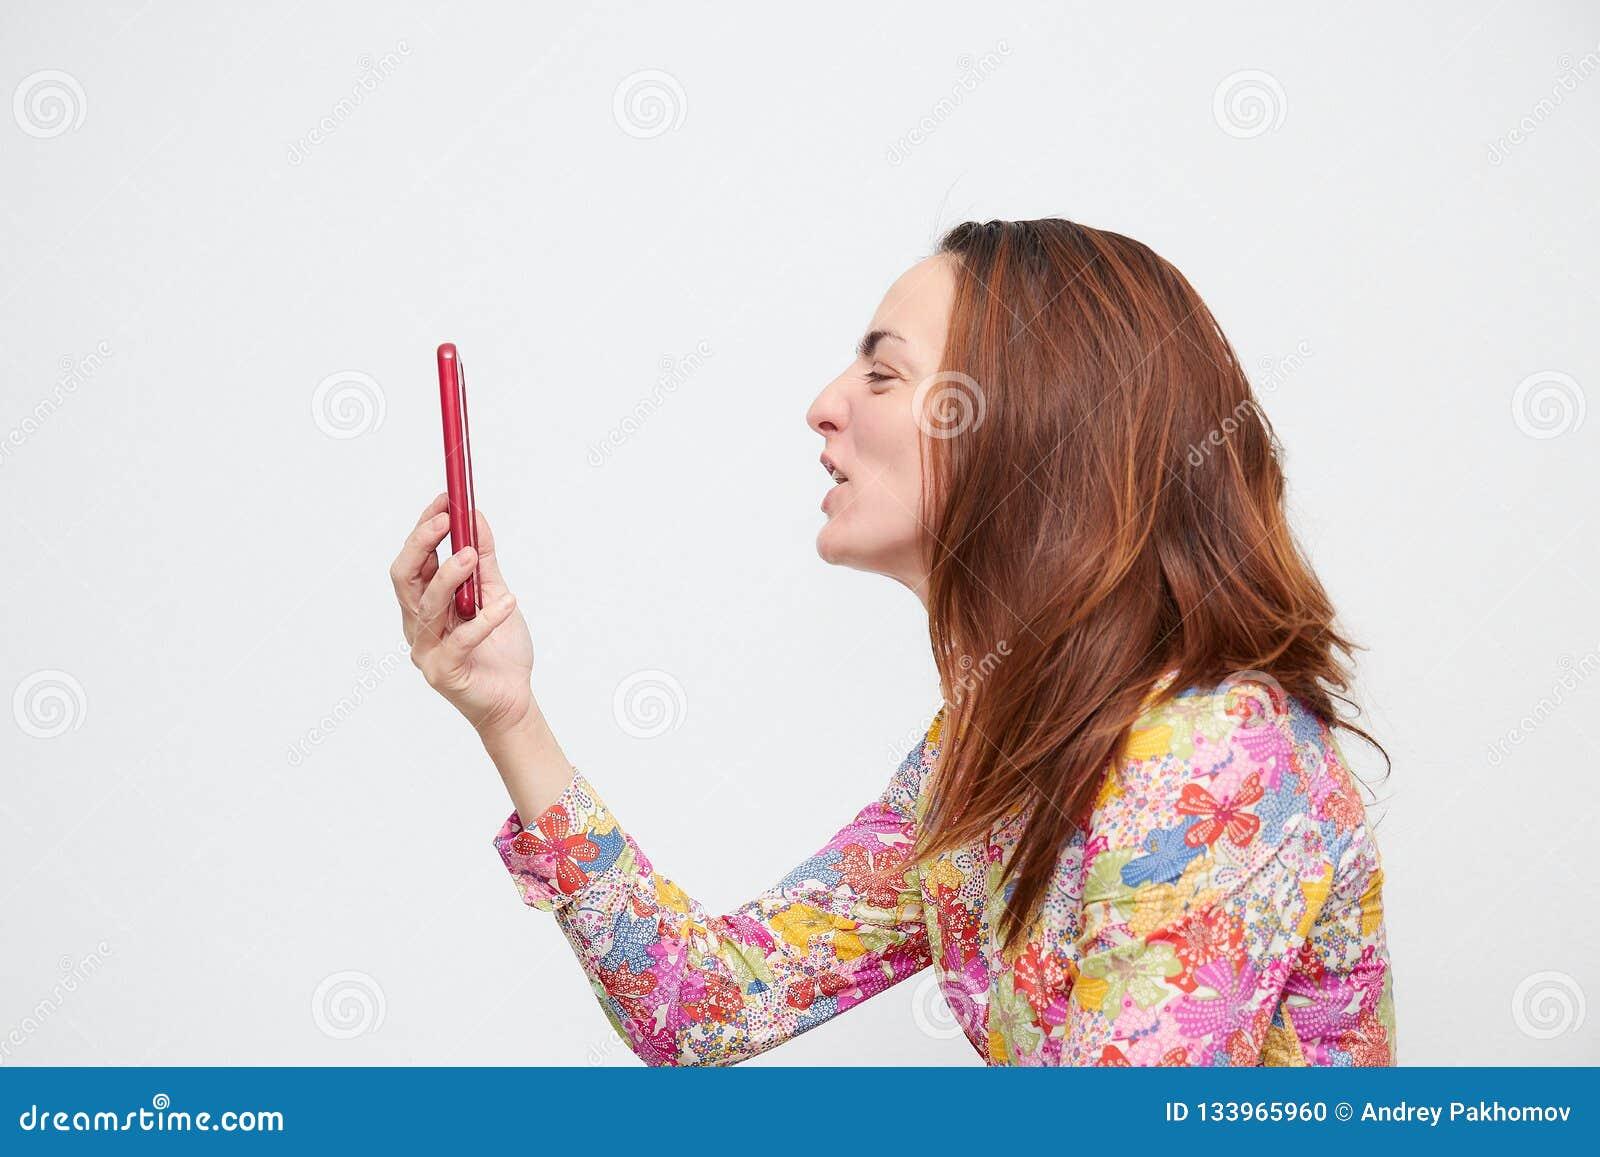 Stående av en ung kvinna i färgskjorta som skriker på en mobiltelefon som isoleras på en vit bakgrund hårfärg är brun